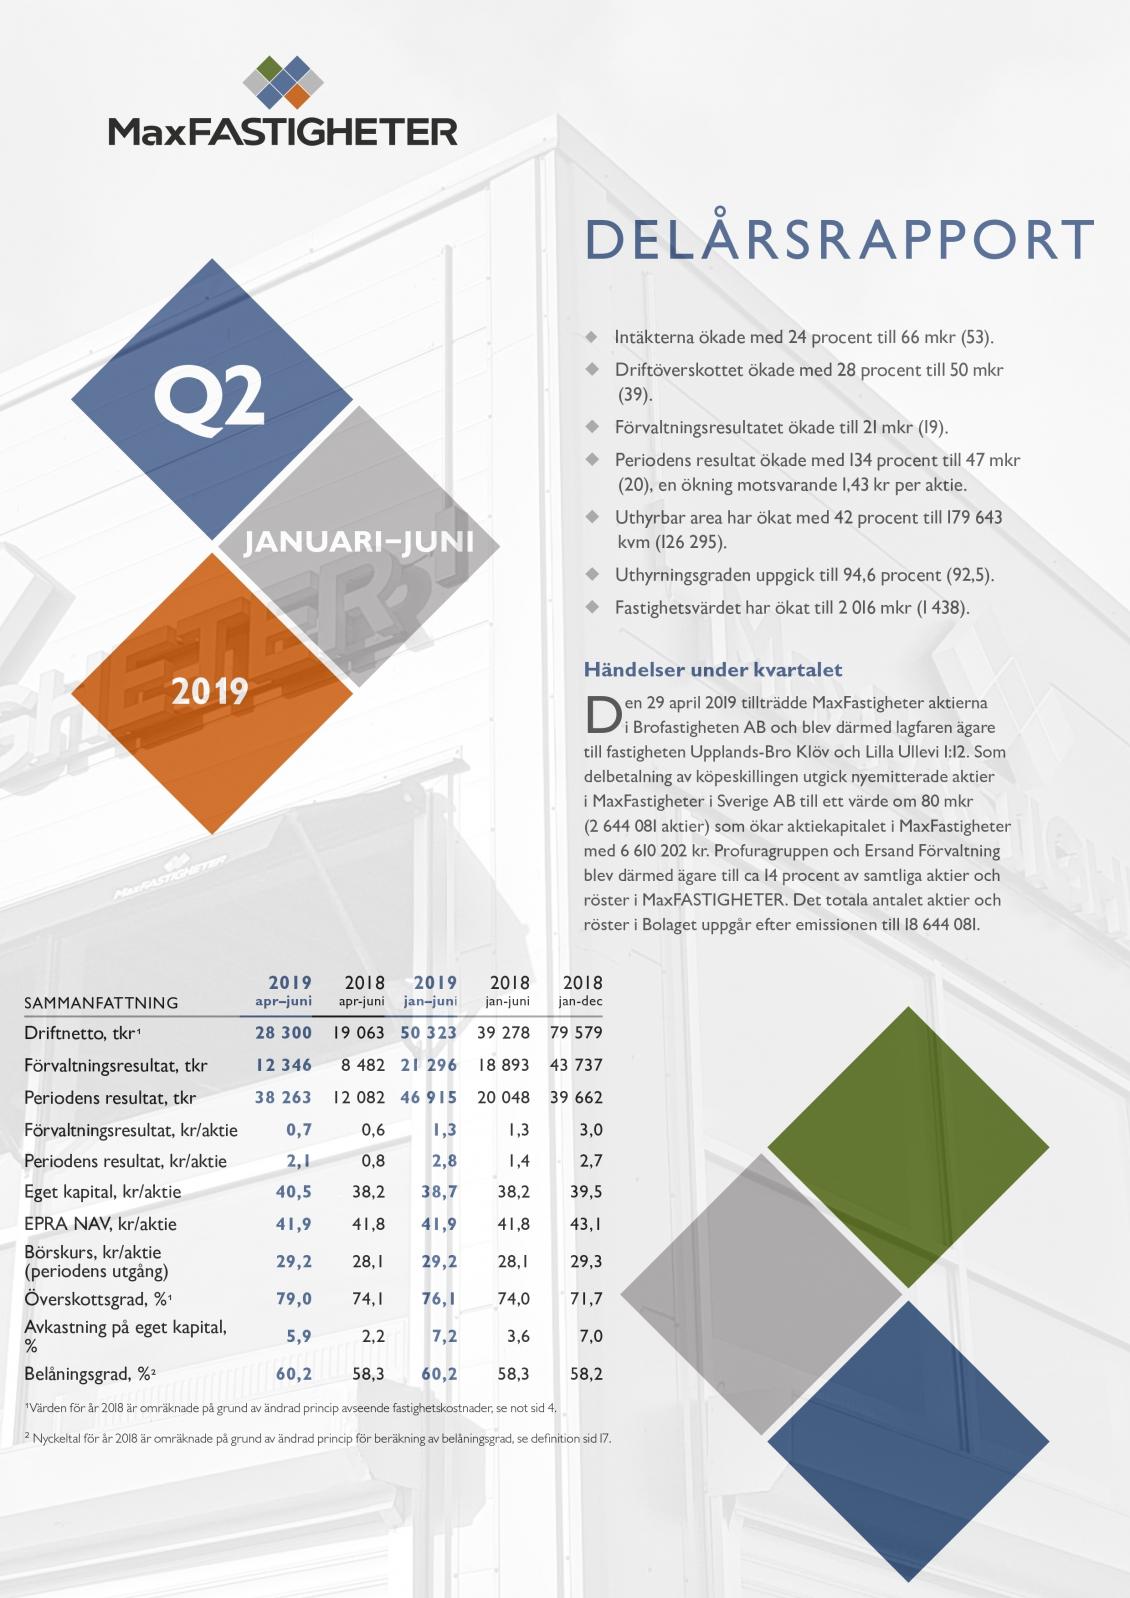 Delårsrapport Q2 2019